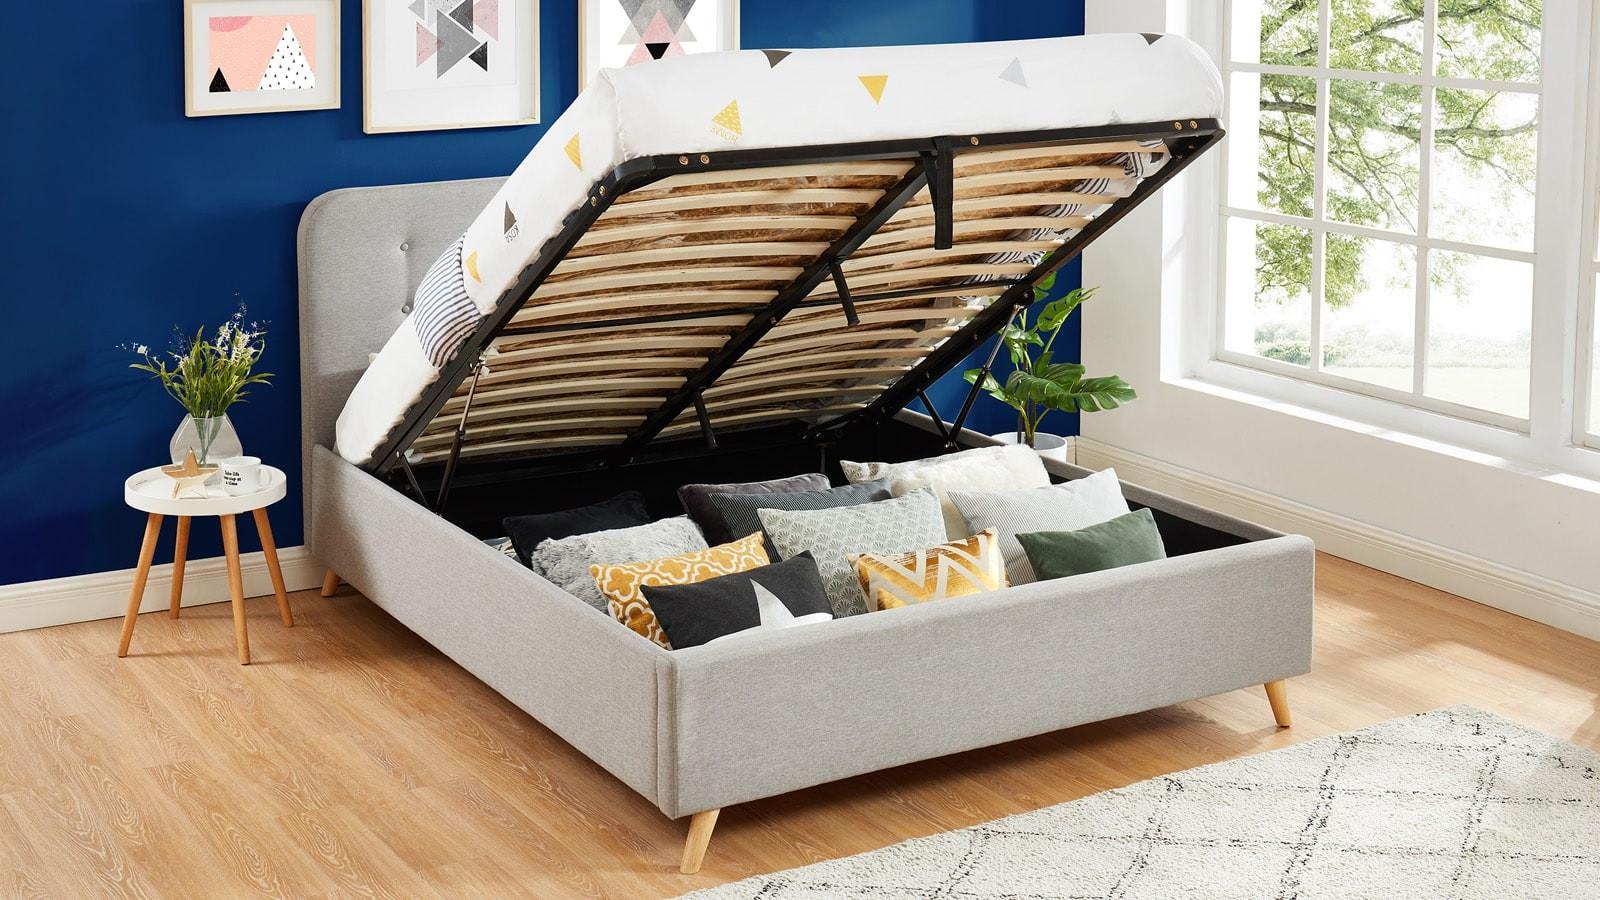 lit capitonné avec tête de lit et sommier marque Hbedding chez Homifab